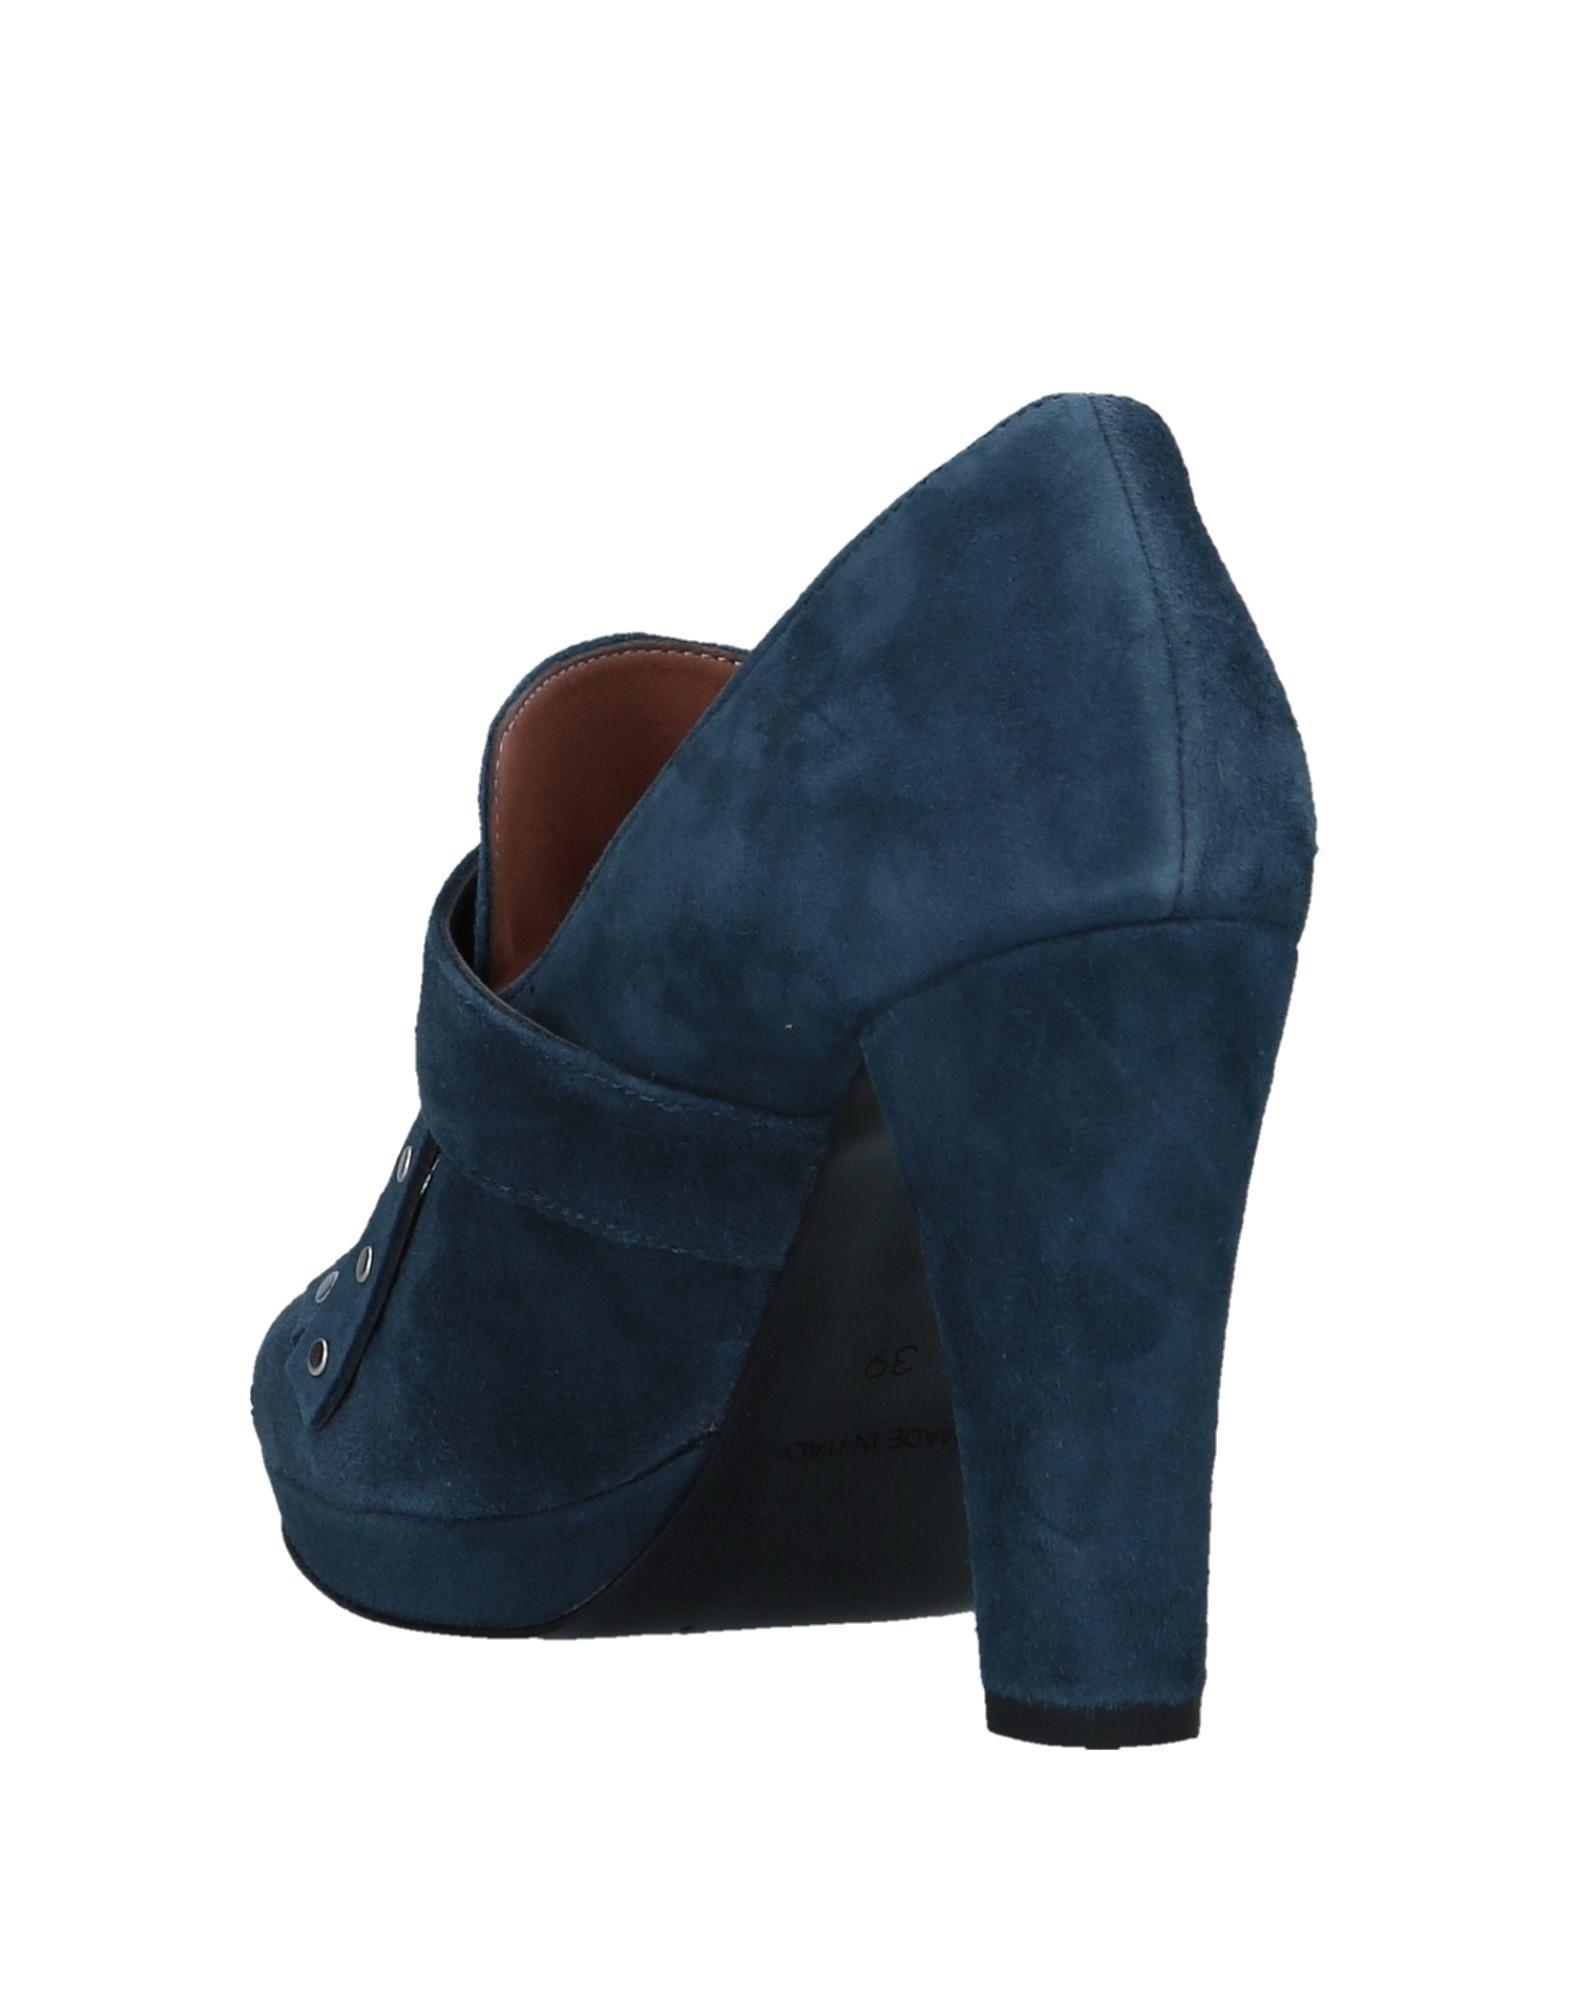 Eliana Bucci Mokassins Damen  Schuhe 11532870JN Gute Qualität beliebte Schuhe  cfd4d6